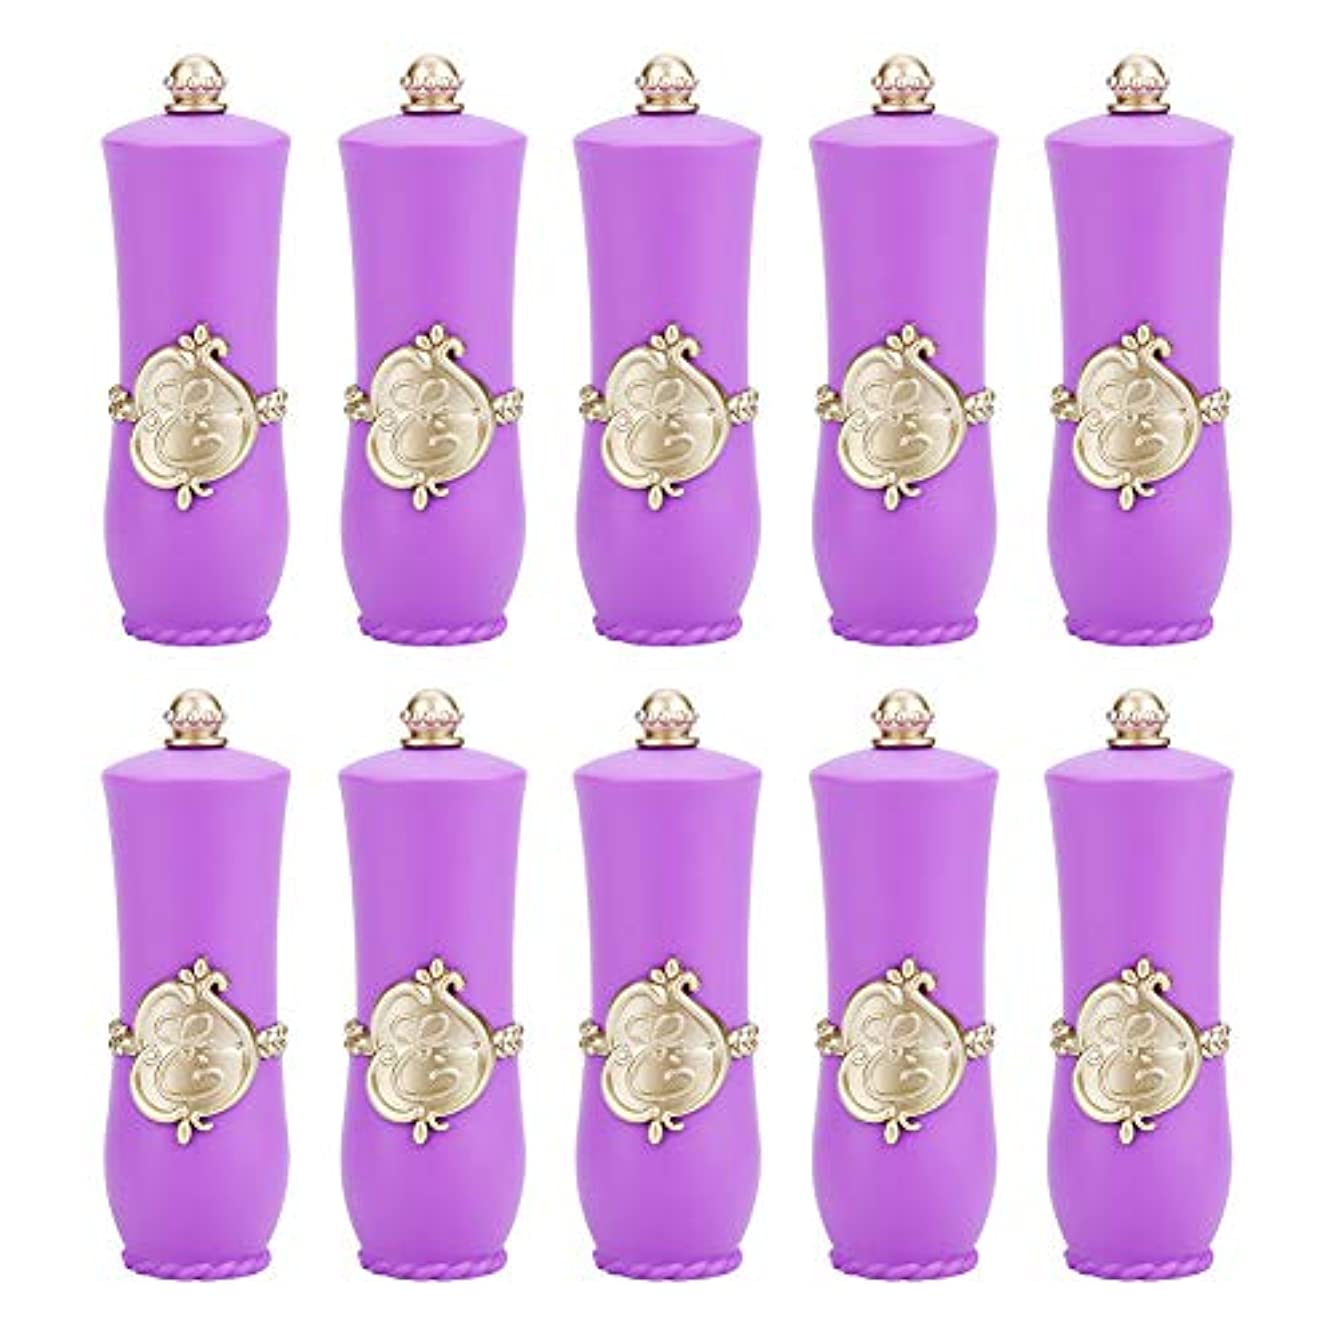 活性化コーデリア中で空の口紅チューブ、ロイヤルスタイルDIY口紅空容器自作口紅型リップクリームチューブ(Purple 10Pcs)